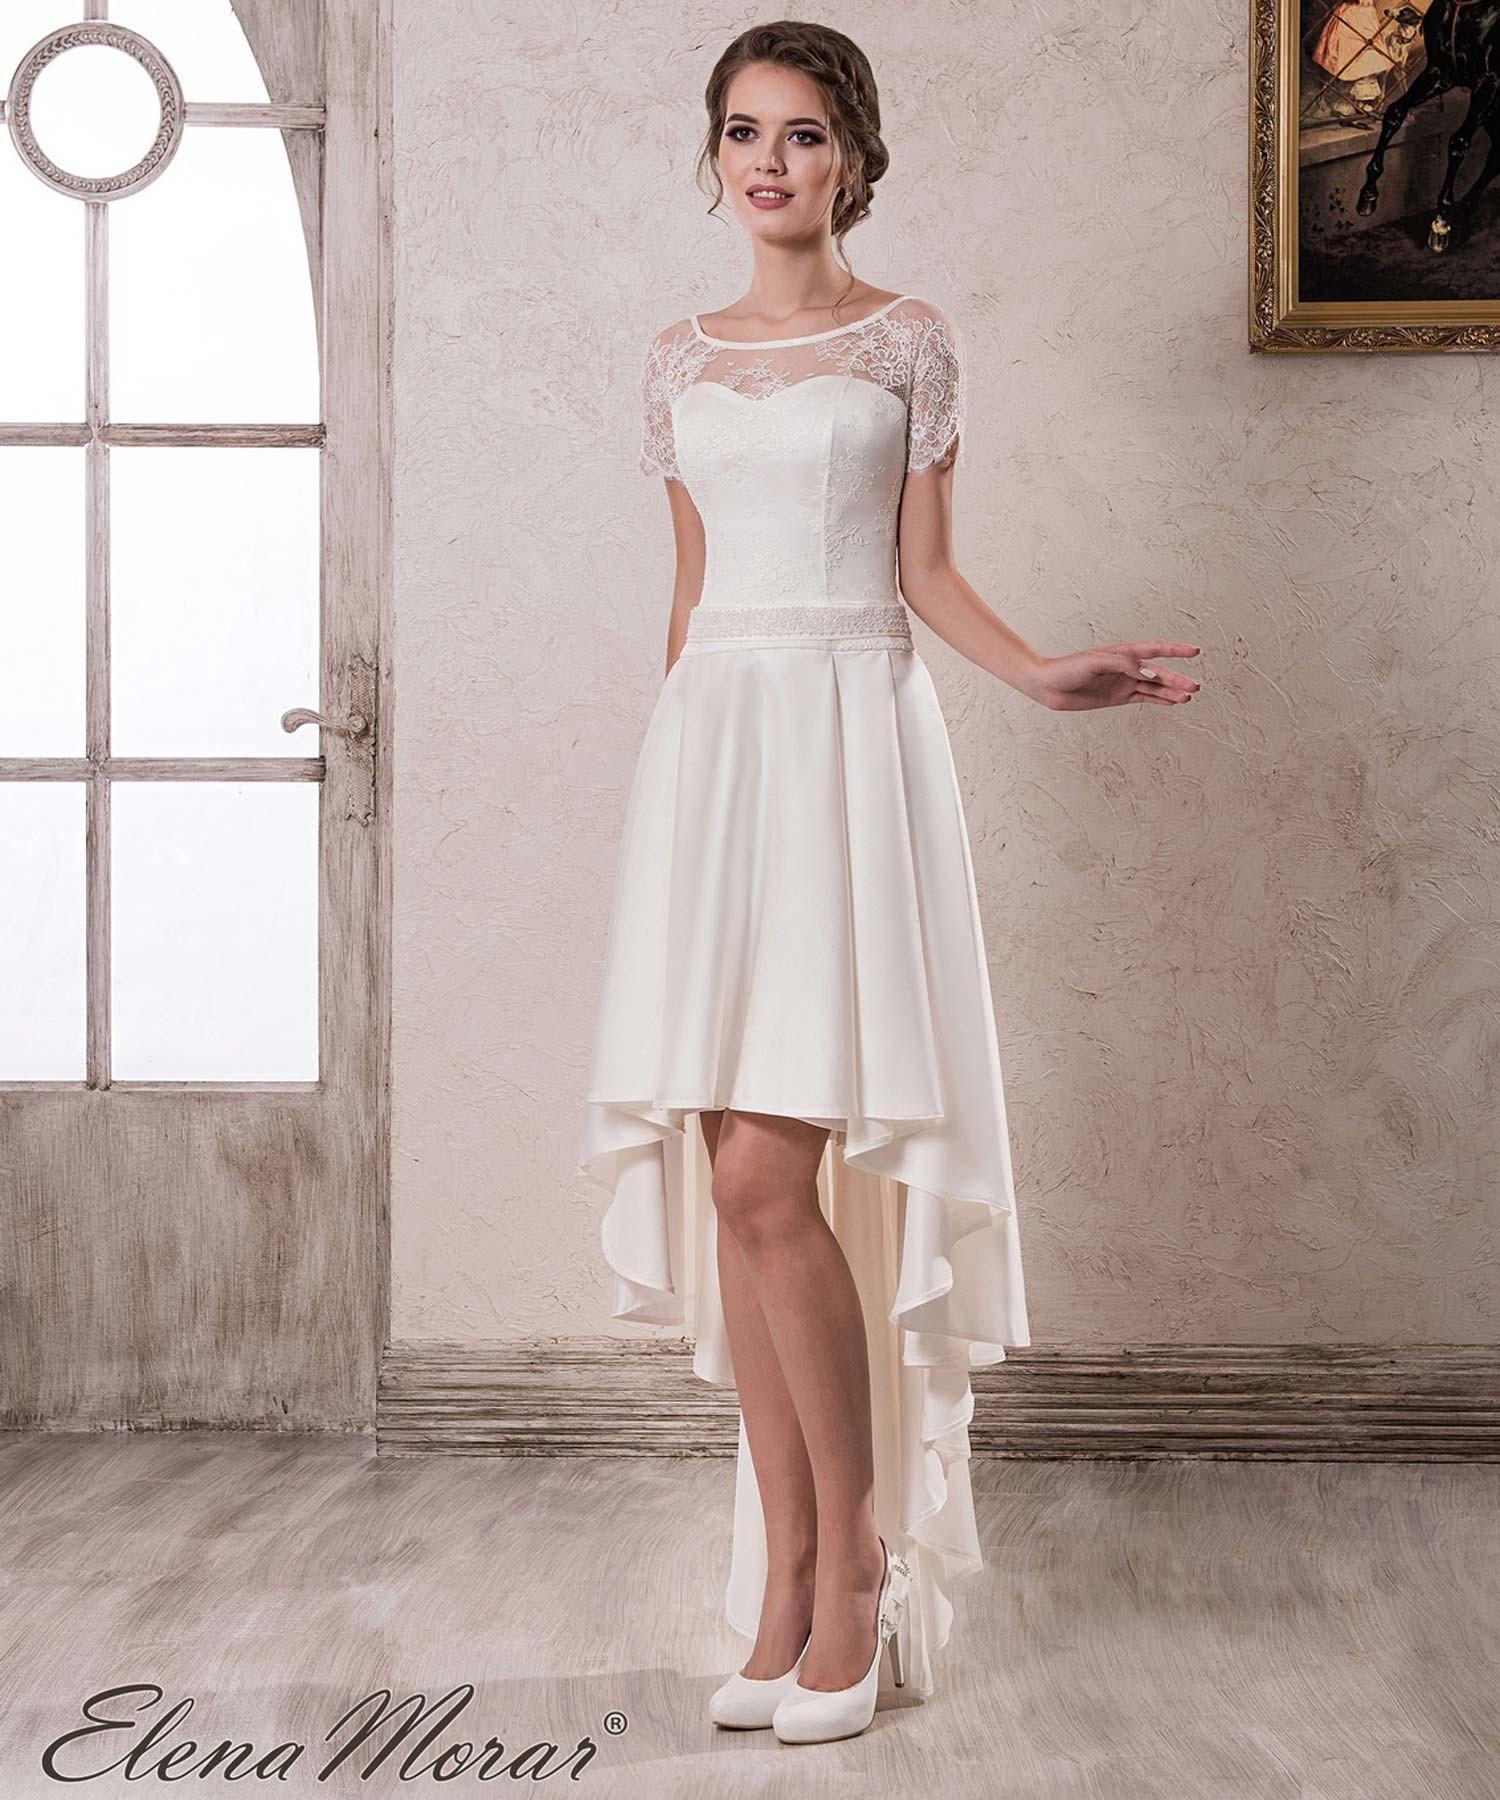 Robe de mariée courte Achat Vente Robe de mariée courte